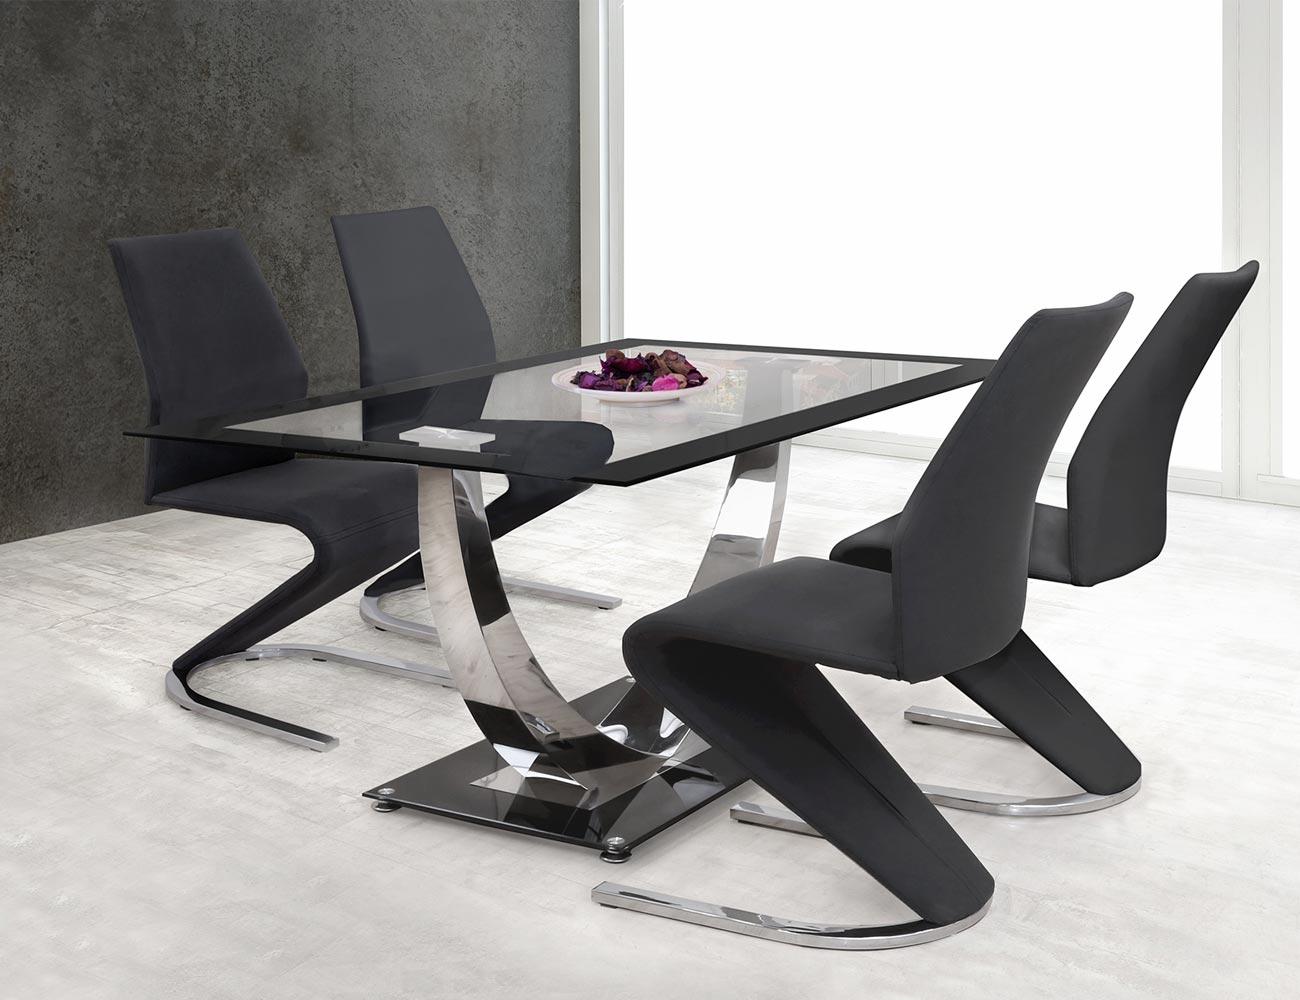 Pack de sillas de comedor tapizada en polipiel color negro con ...